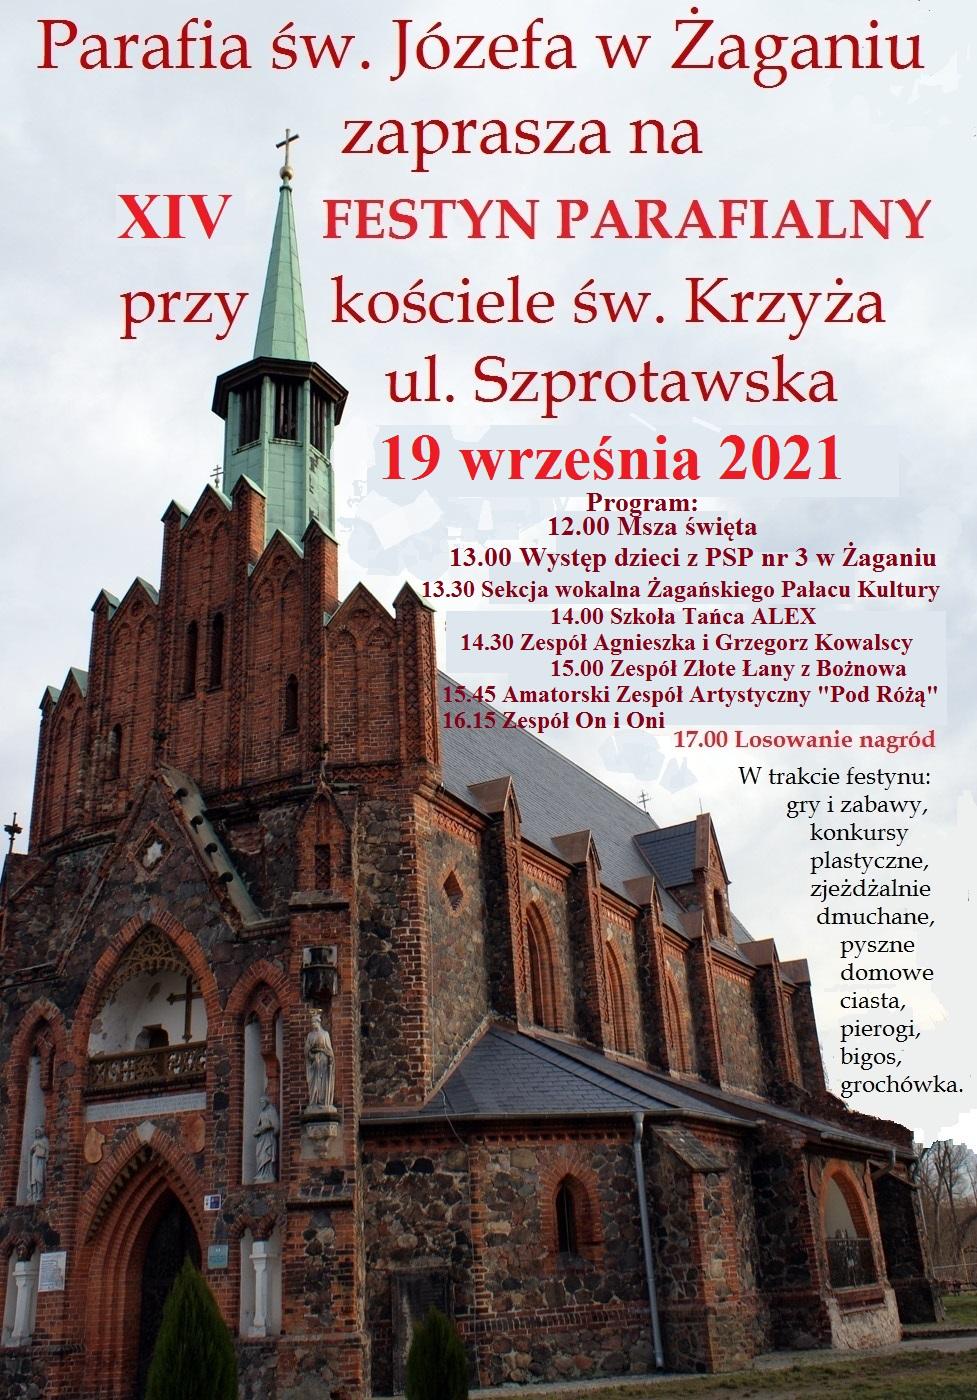 Festyn Parafialny przy kościele św. Krzyża